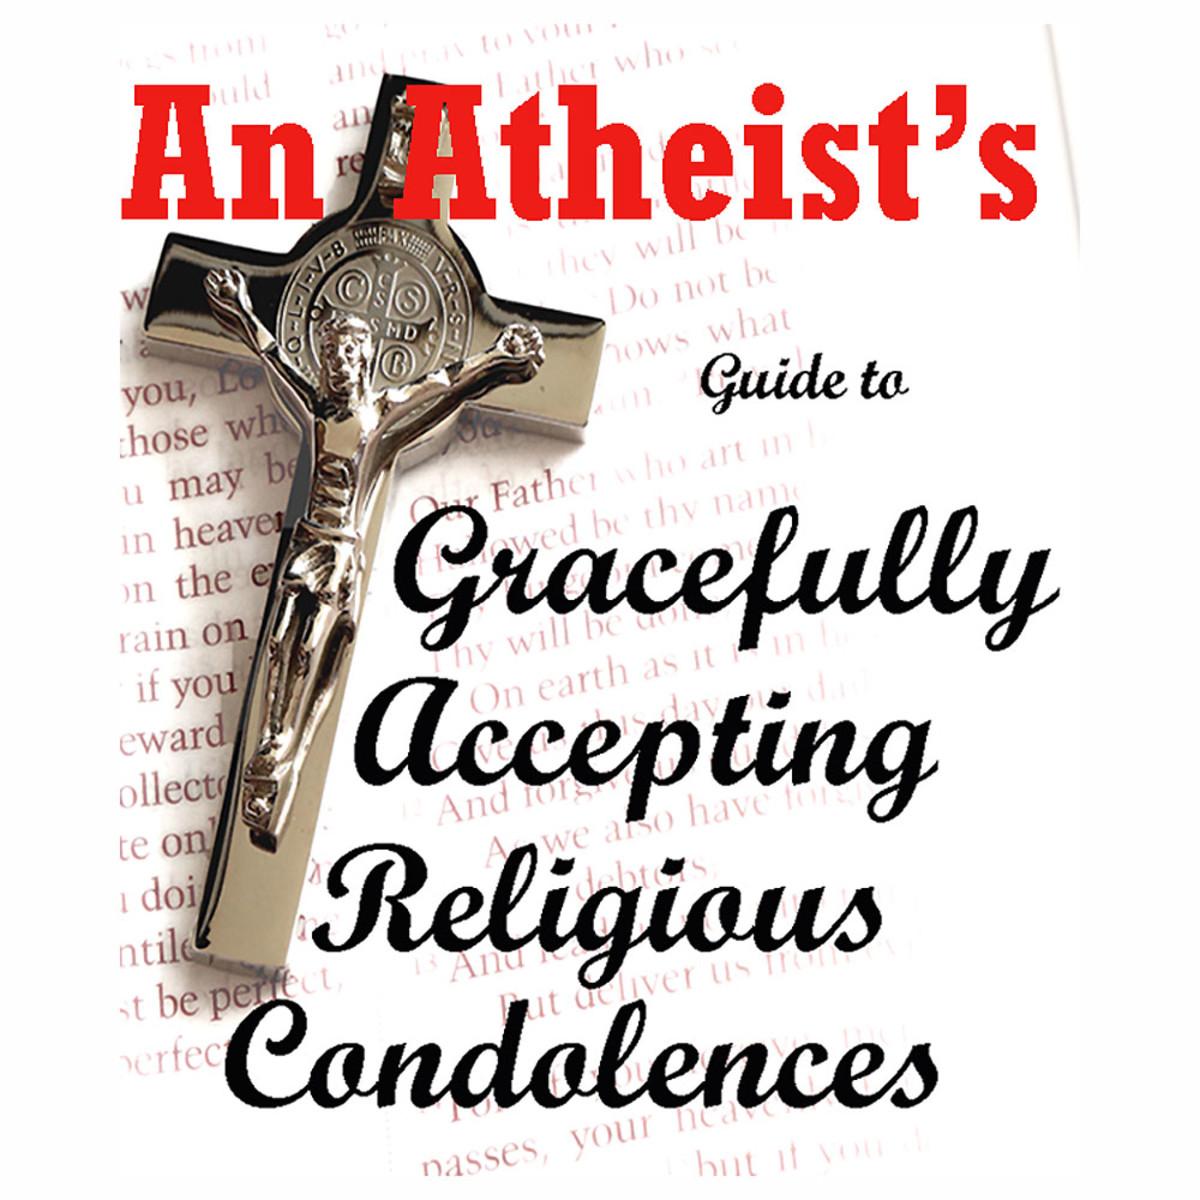 Accepting Religious Condolences as an Atheist